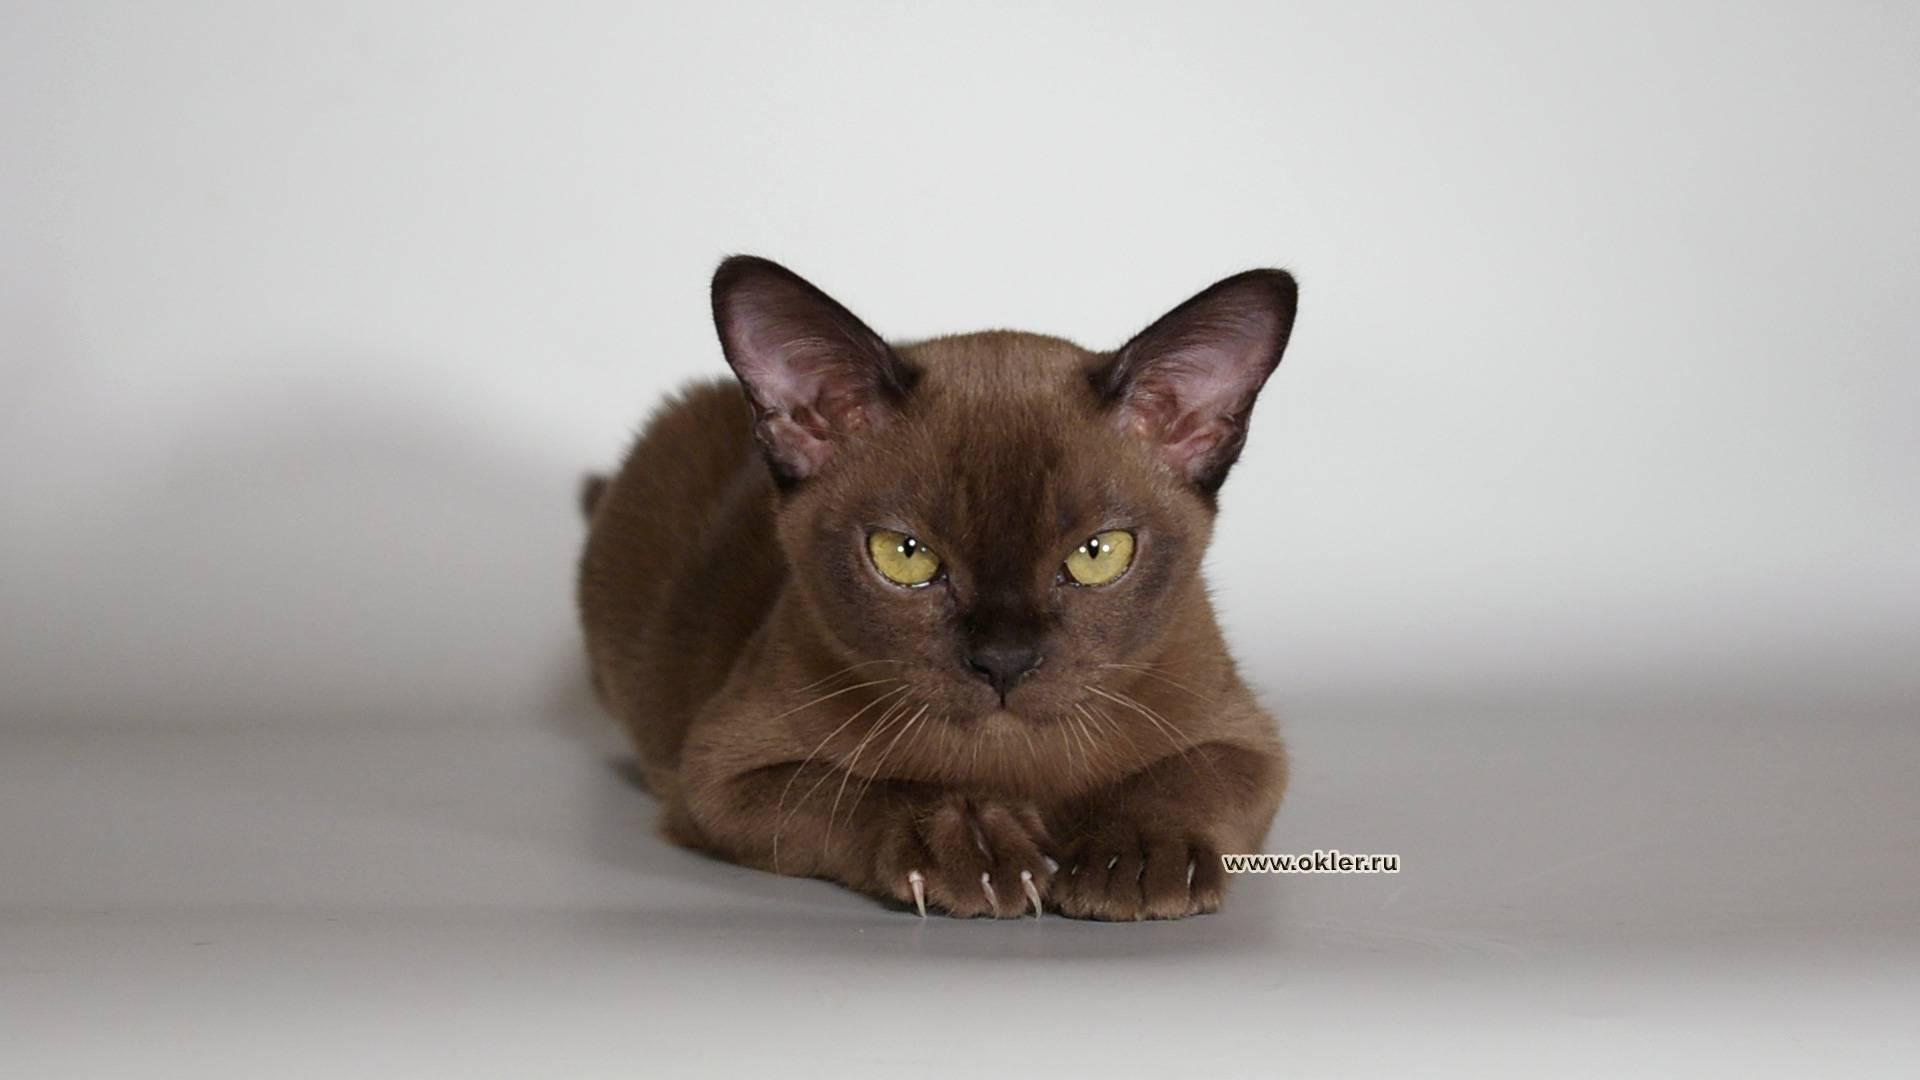 Йоркская шоколадная кошка: подробное описание, фото, купить, видео, цена, содержание дома